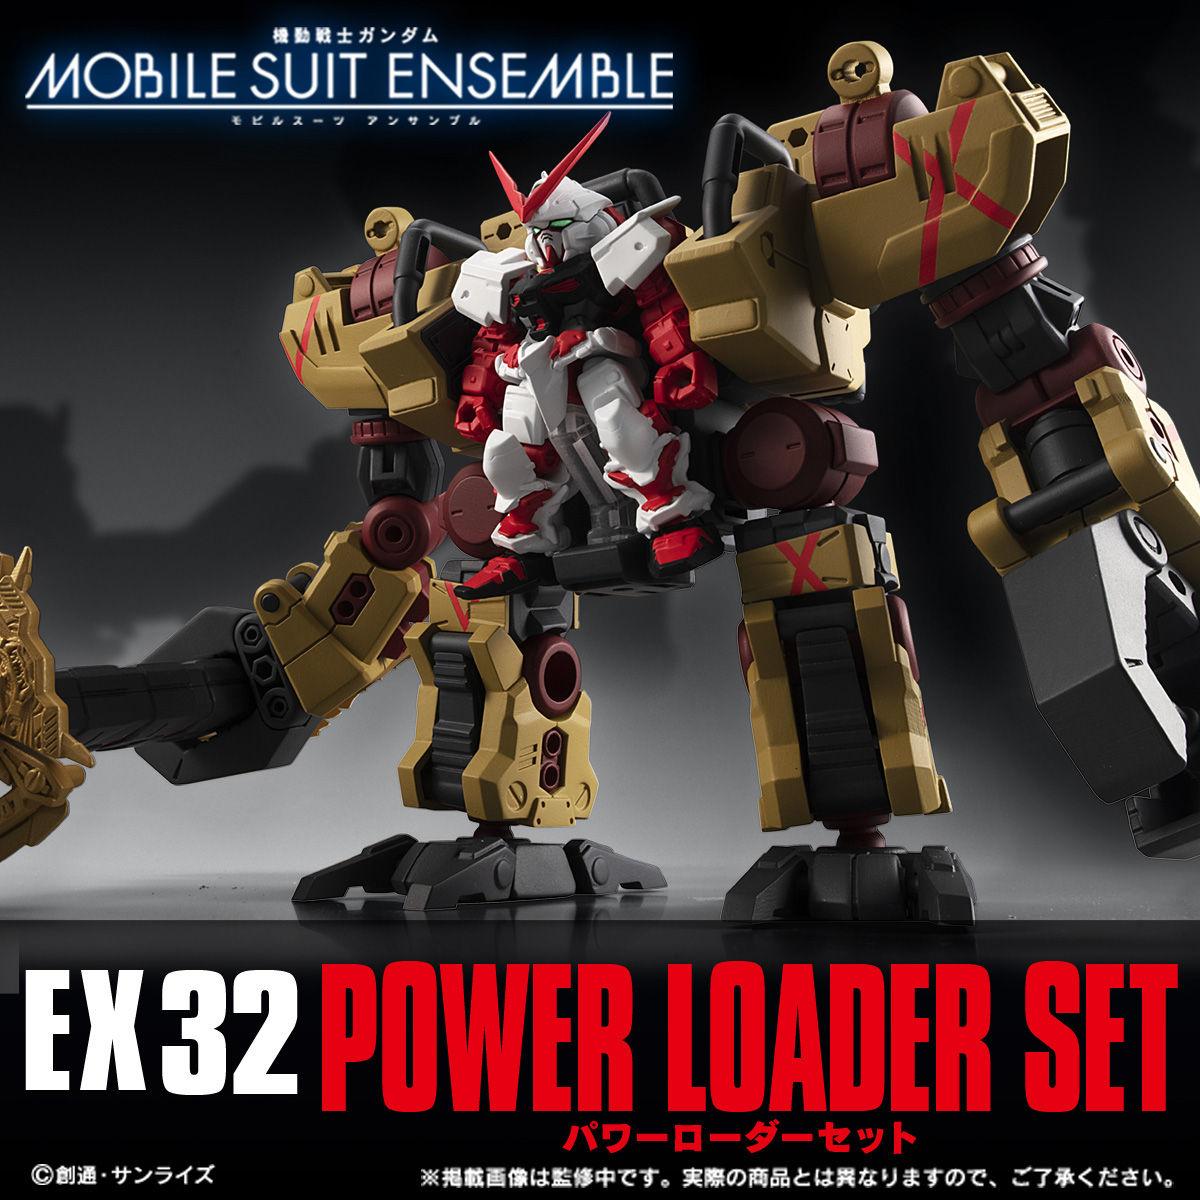 機動戦士ガンダム『MOBILE SUIT ENSEMBLE19』デフォルメ可動フィギュア 10個入りBOX-010